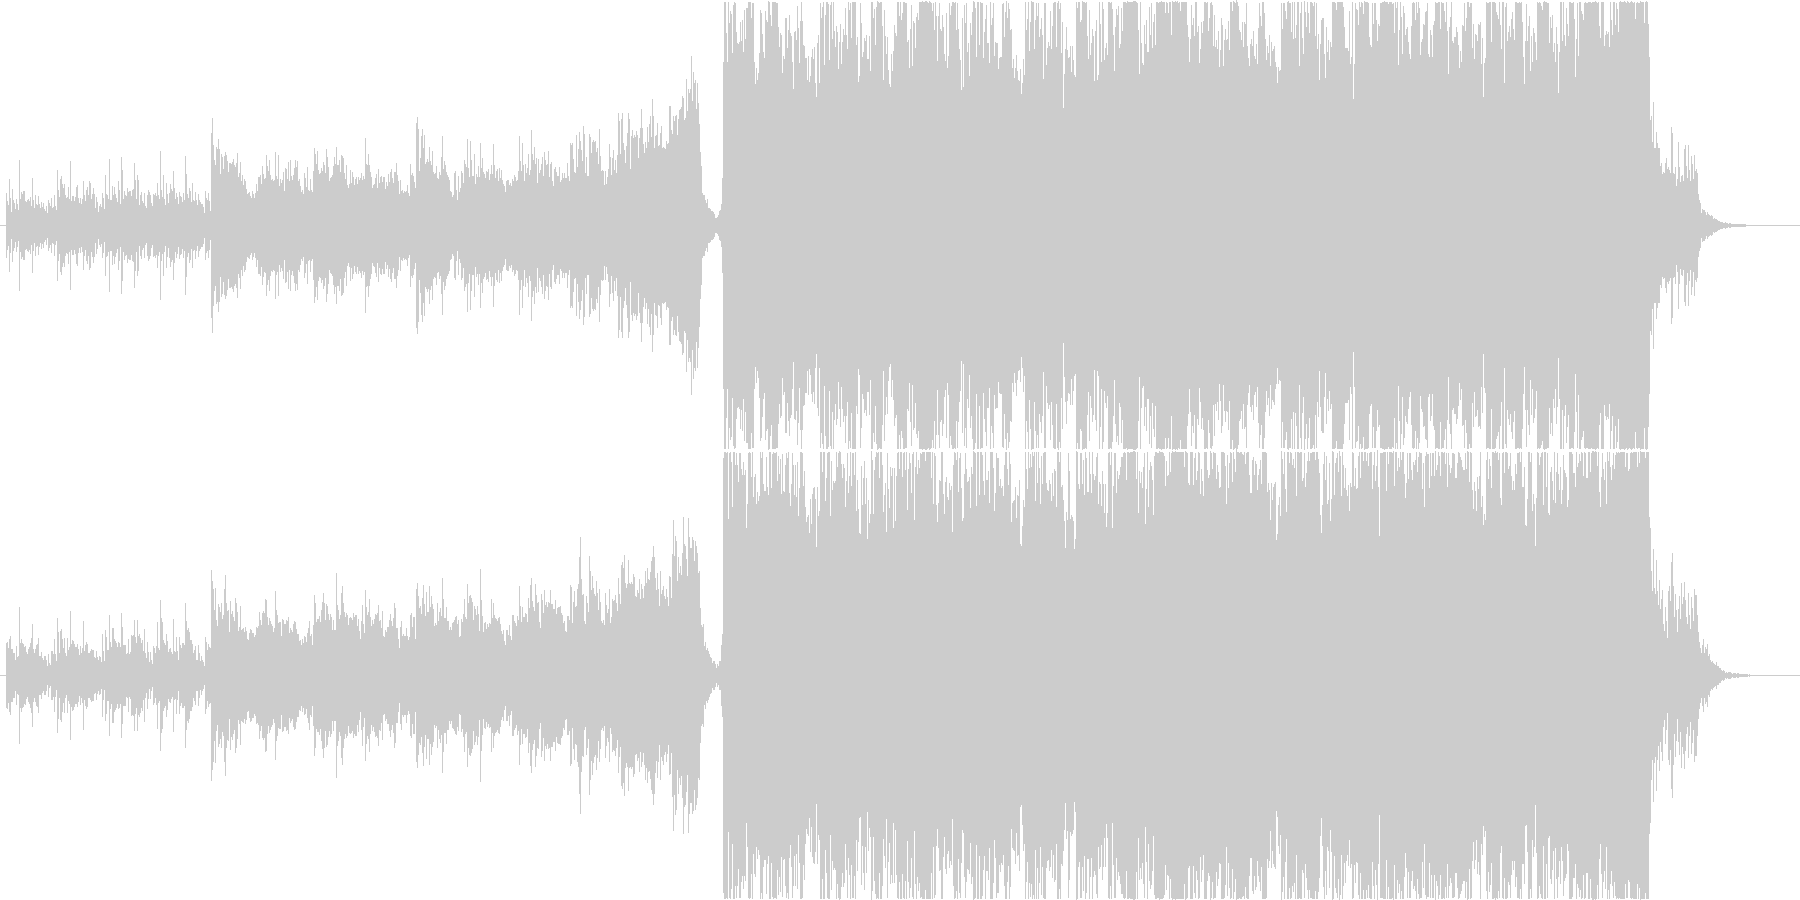 ポジティブで意思のあるオーケストラ曲の未再生の波形